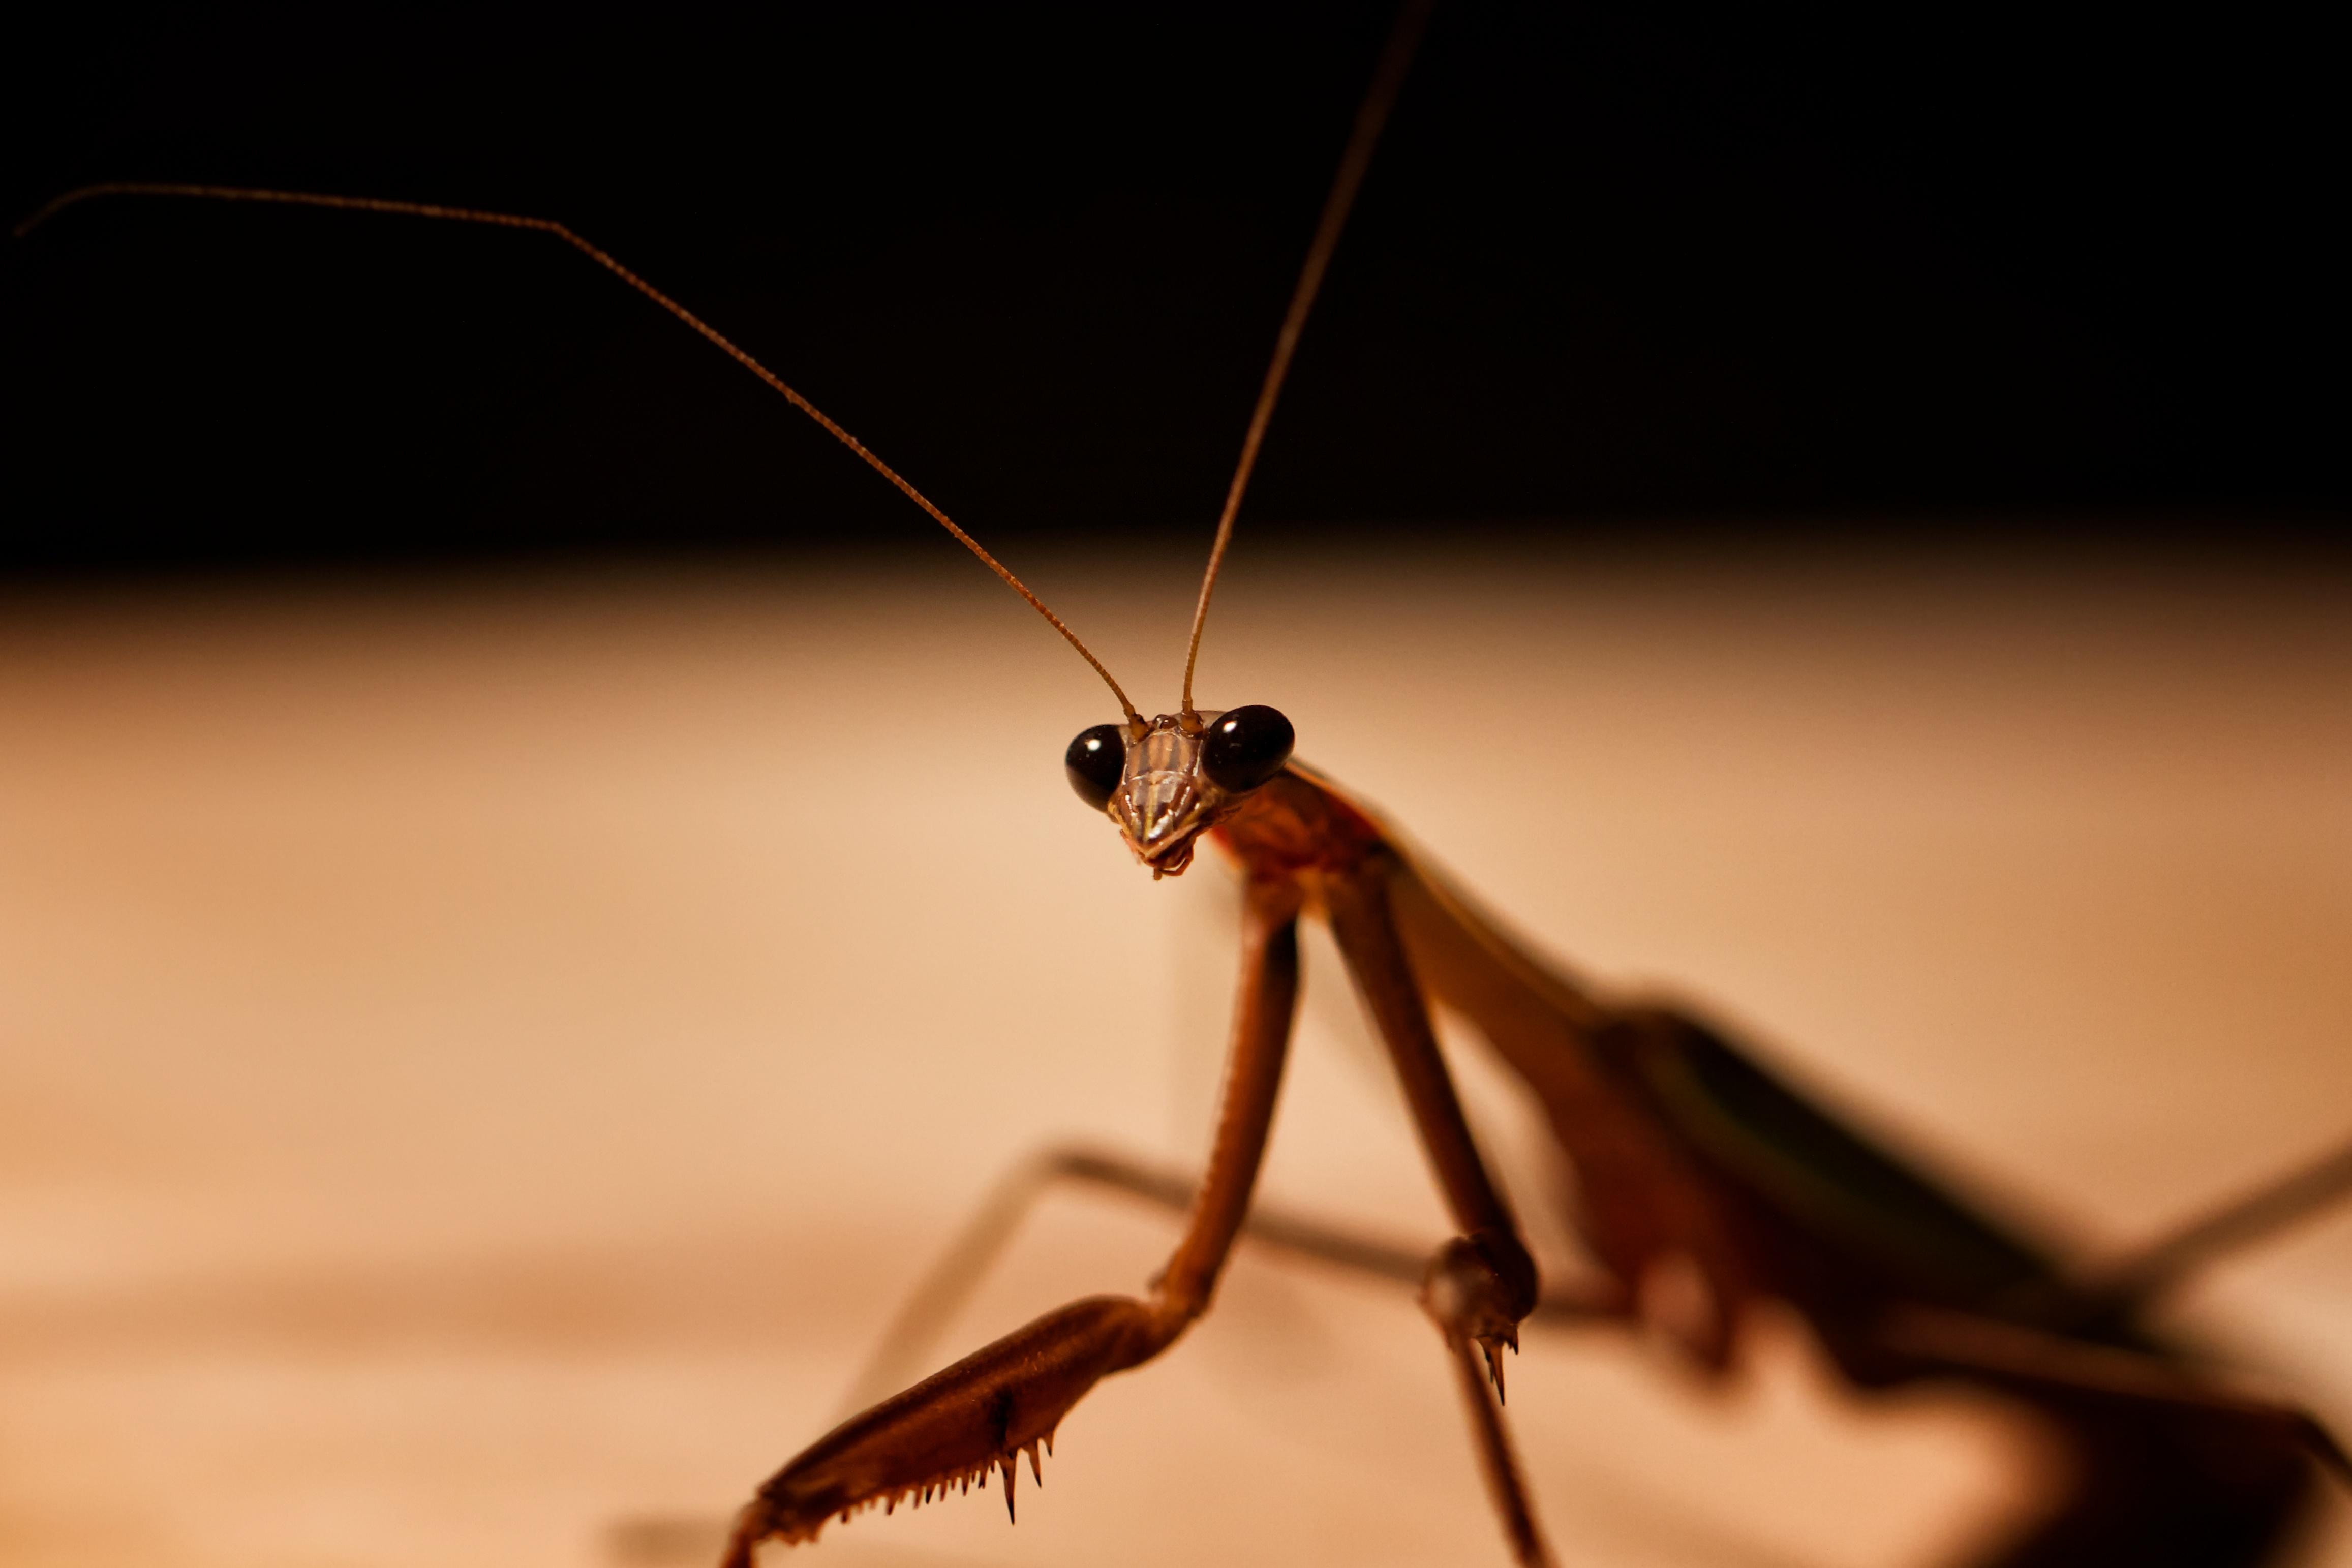 Praying Mantis staring at camera